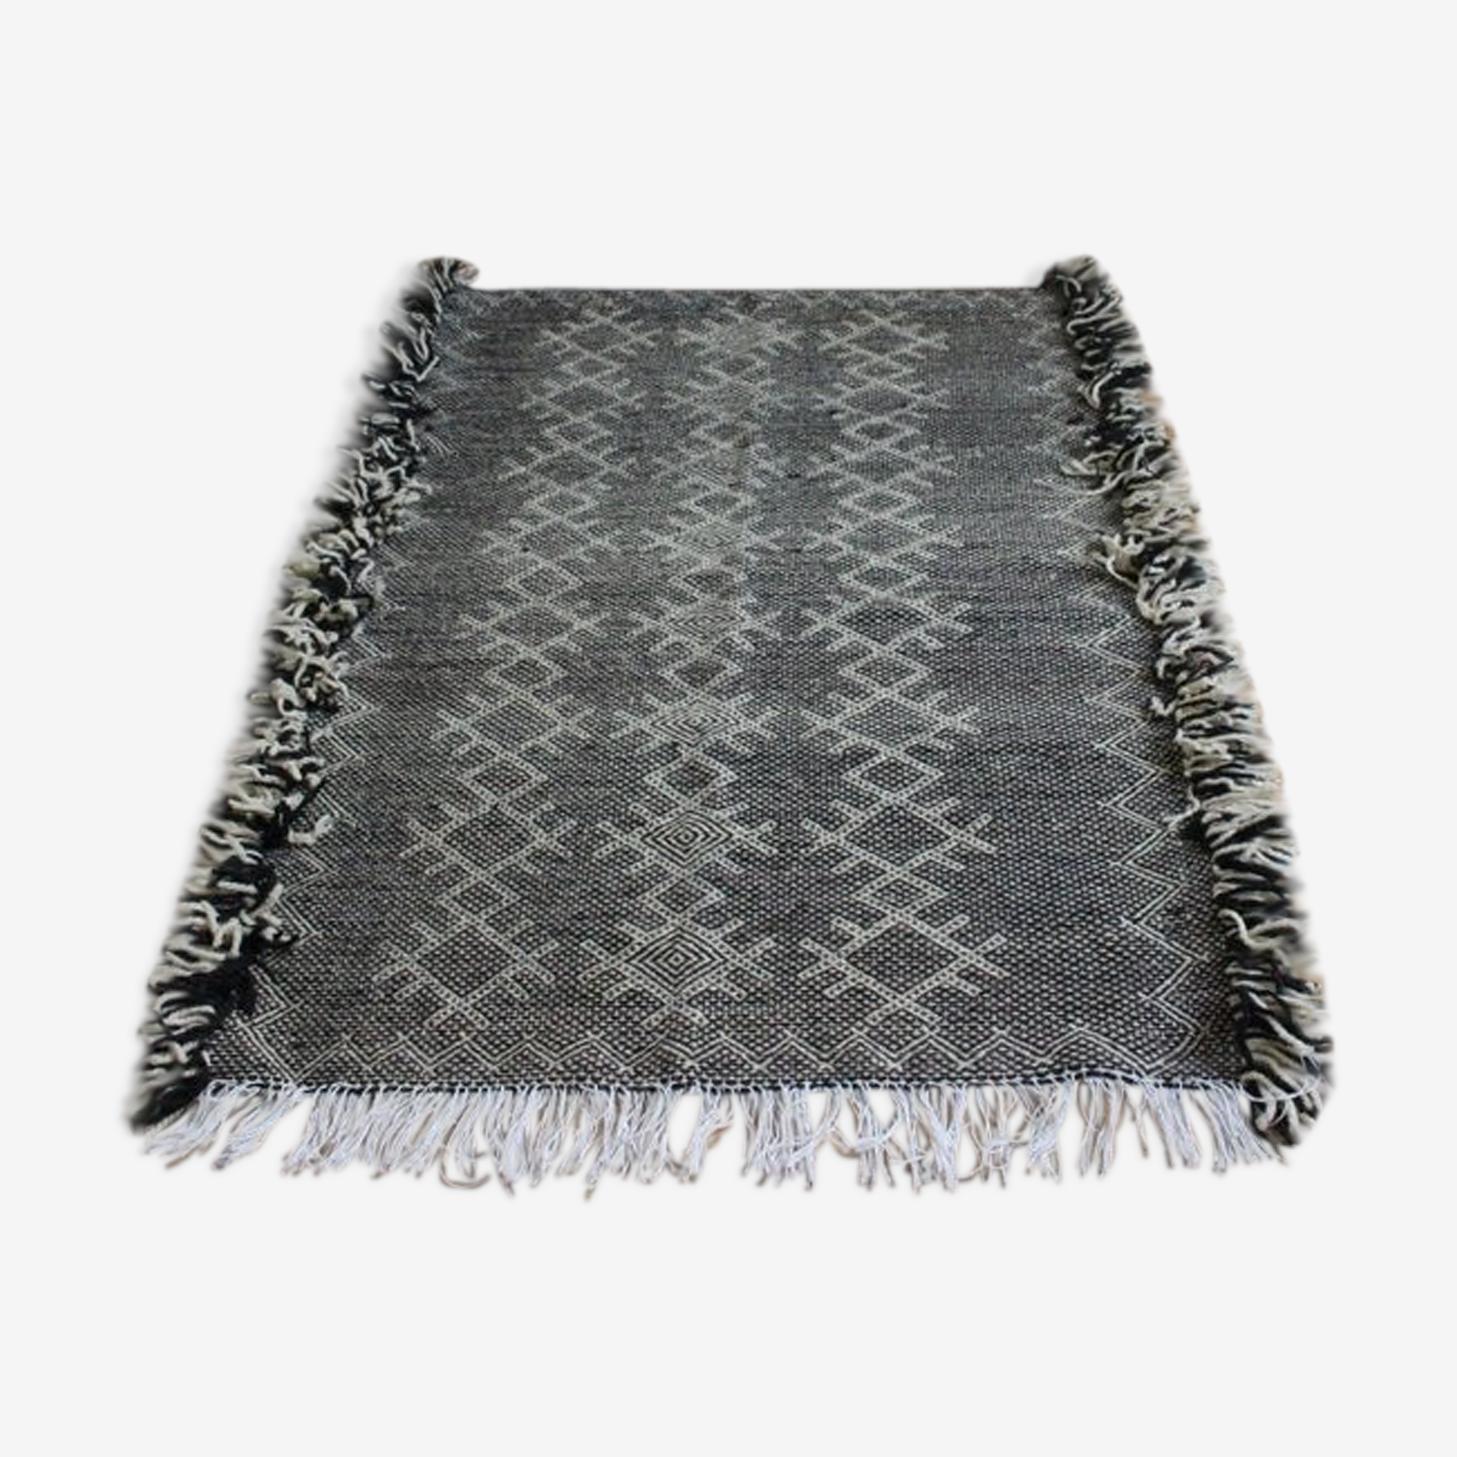 Wool hand woven zanafi carpet 113x153cm